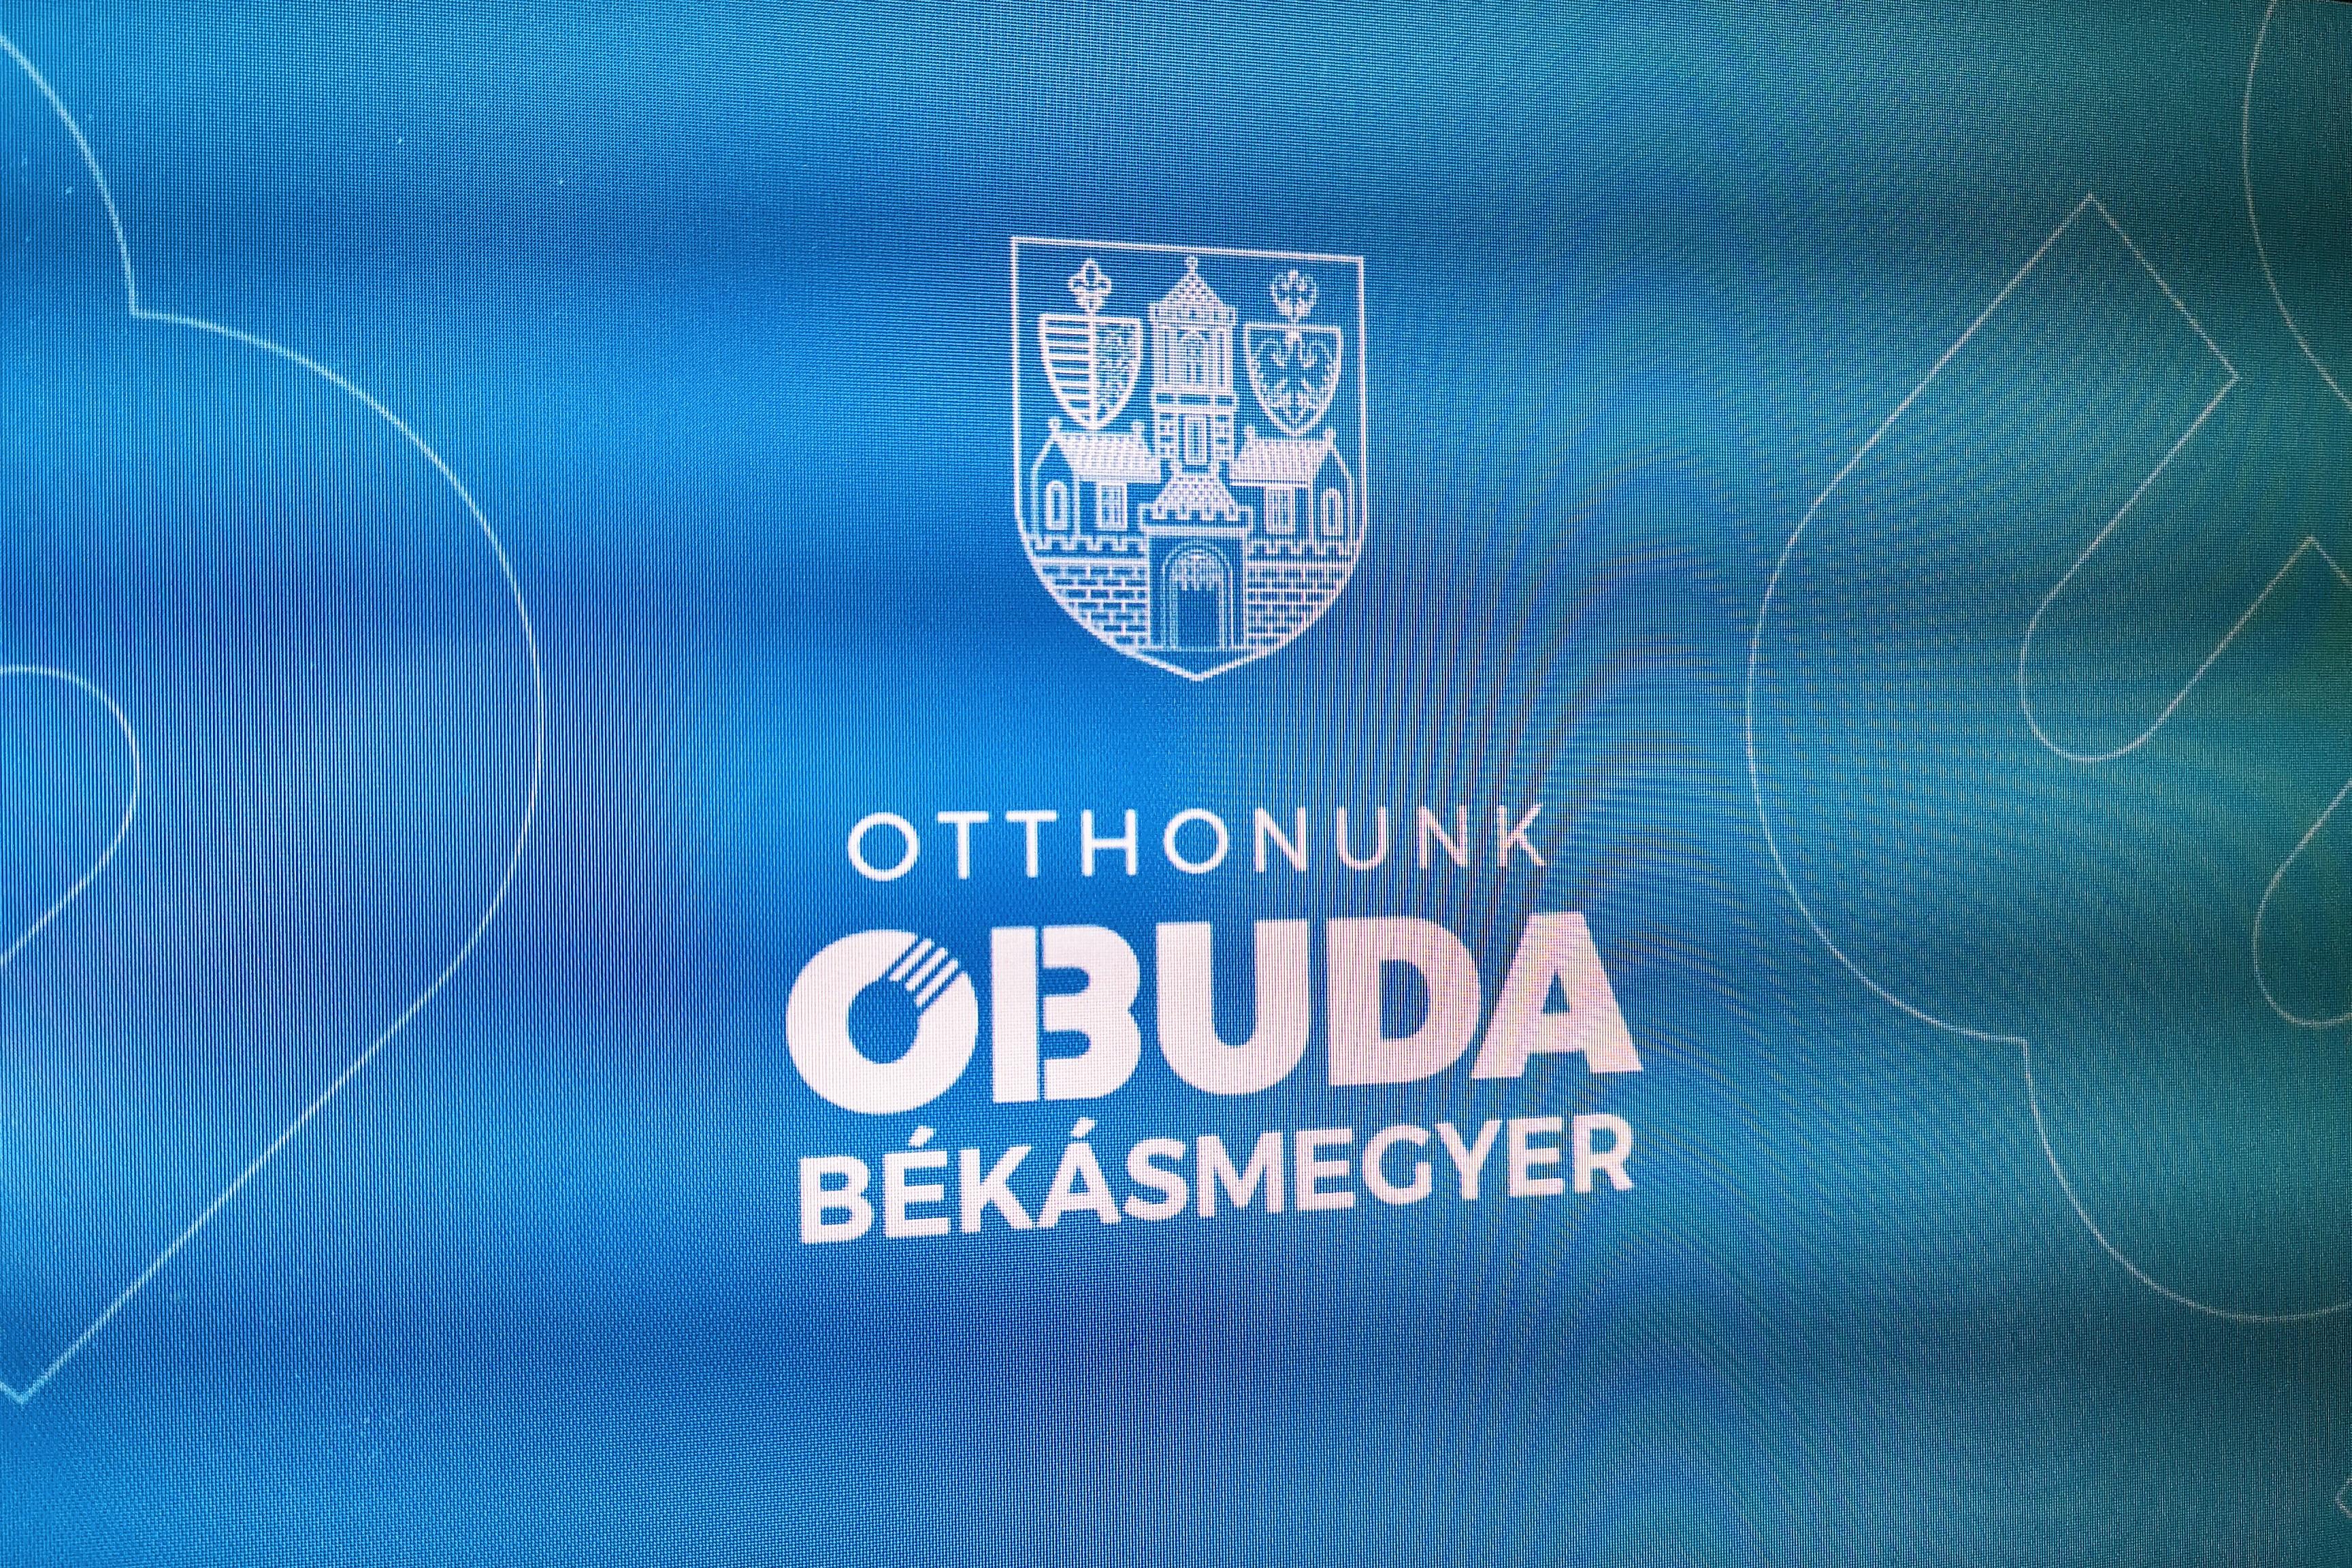 o13uda_obuda_logo.jpg